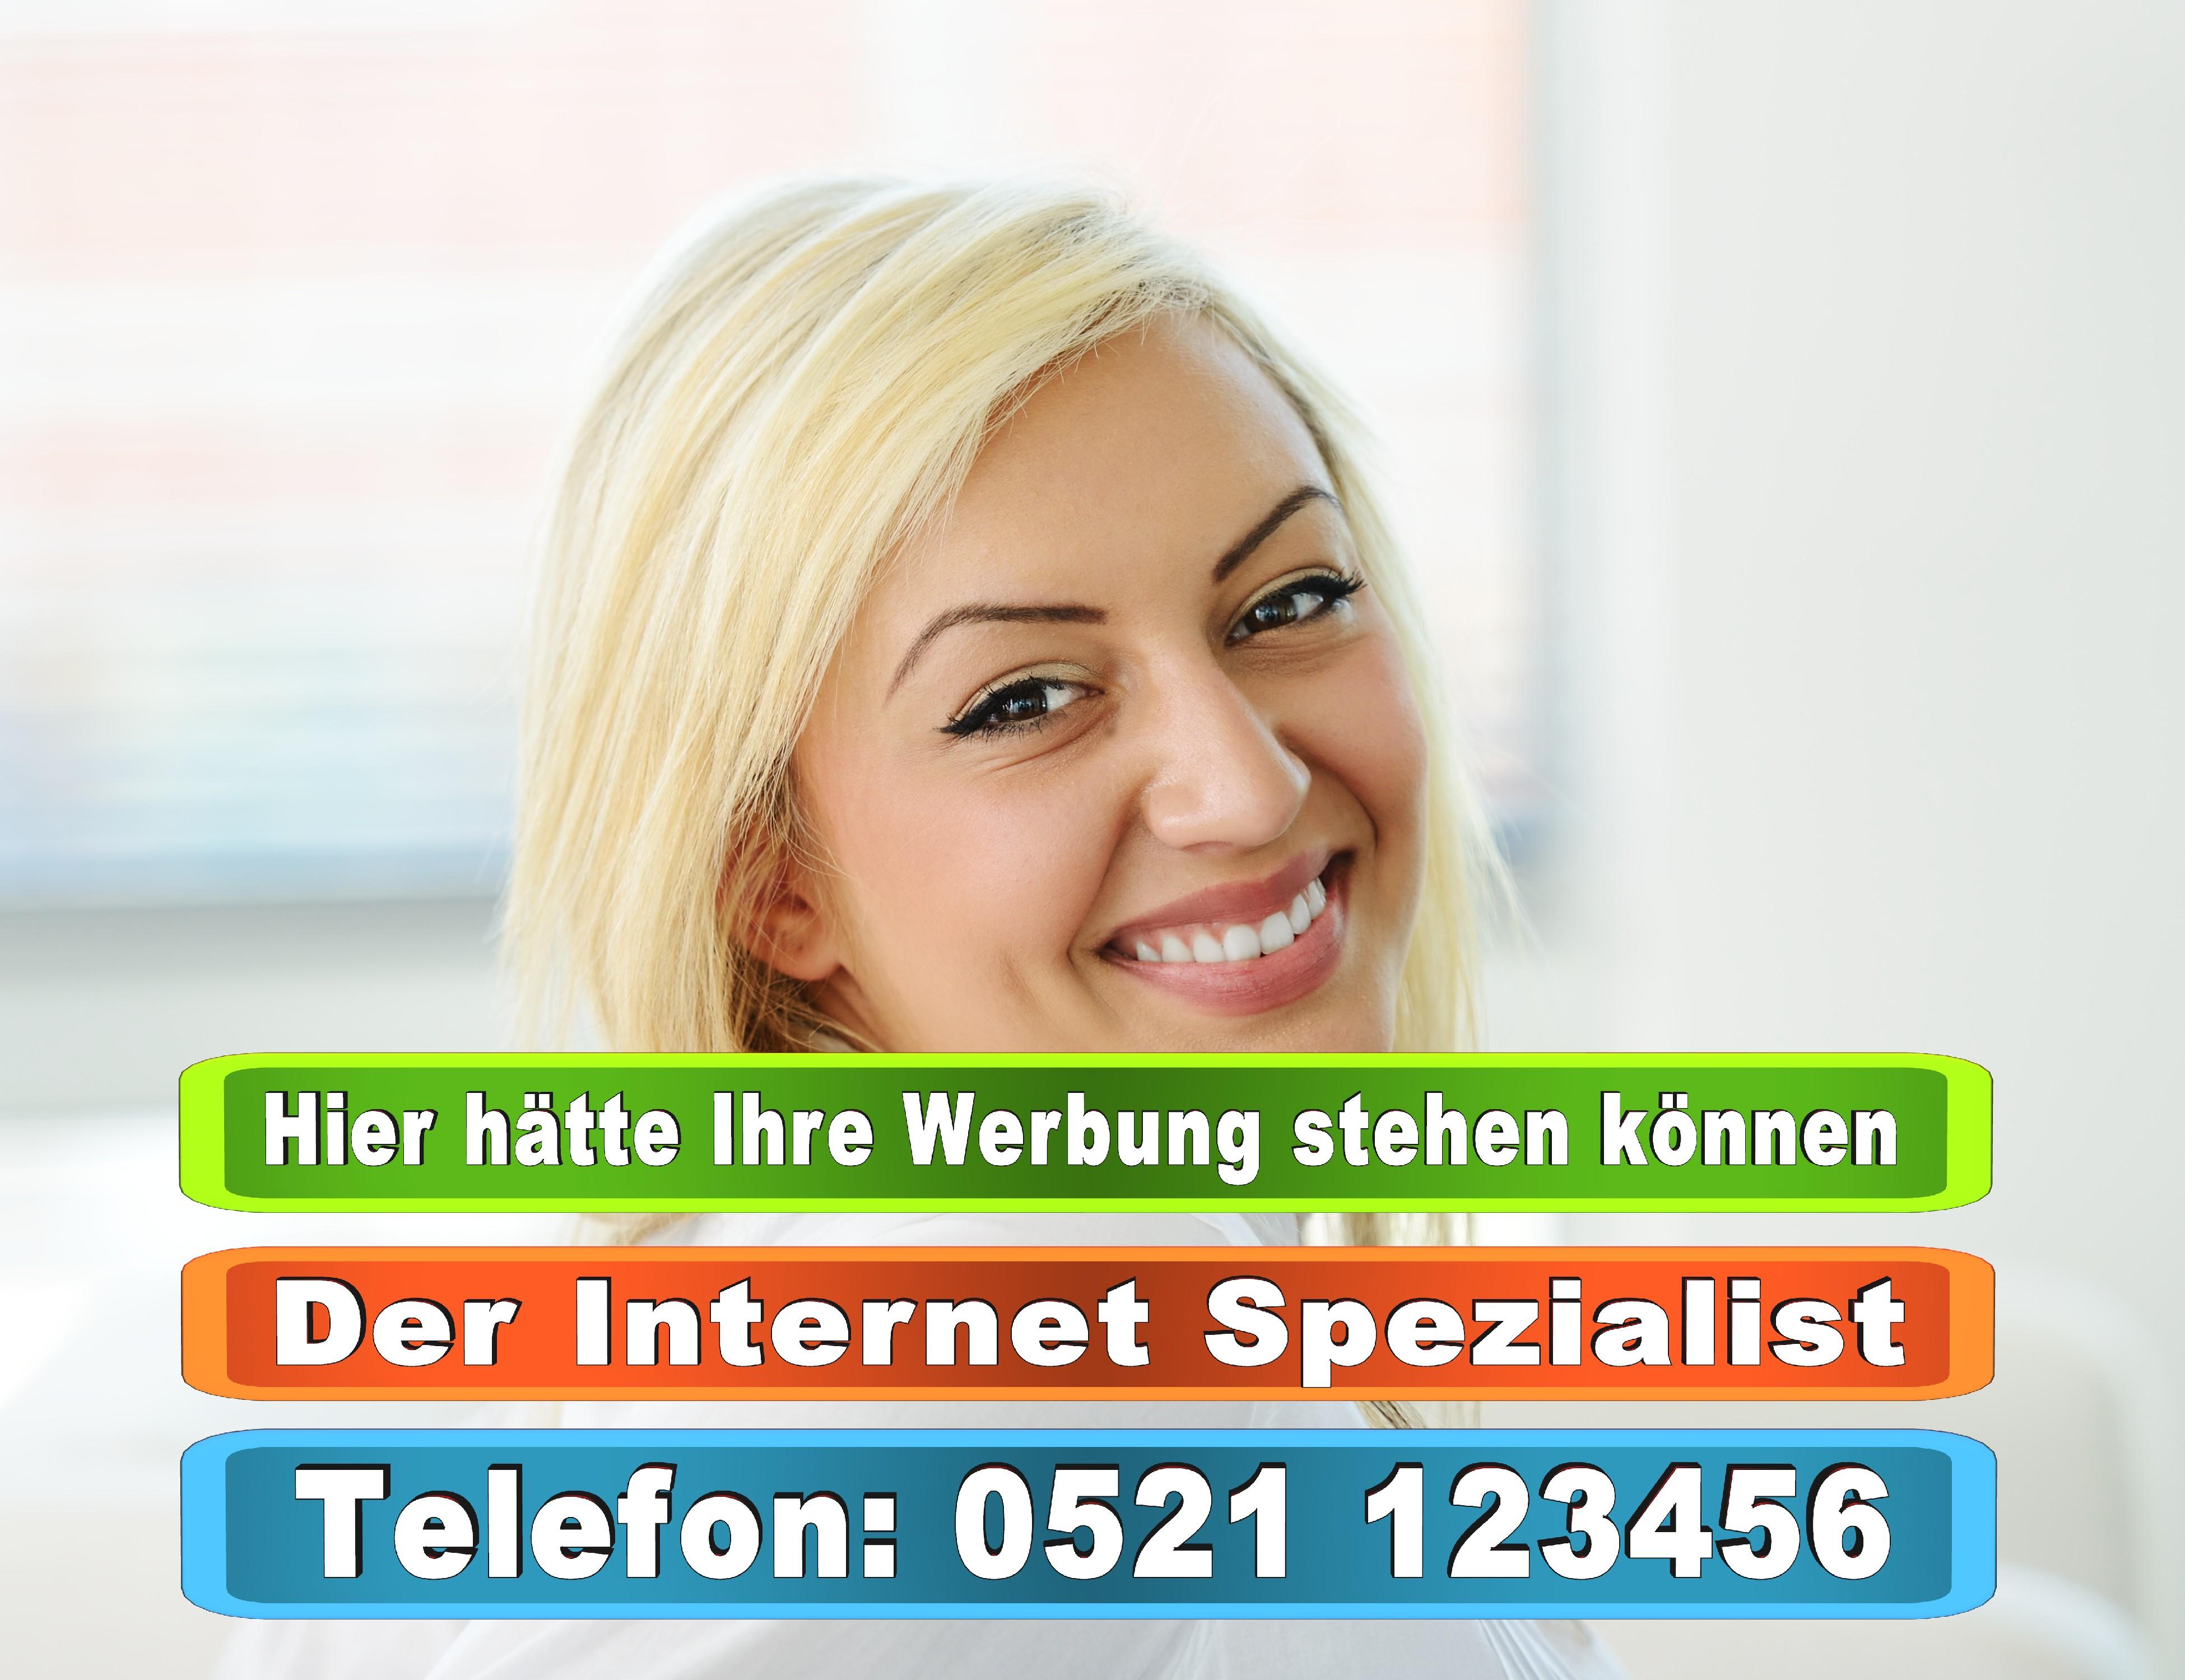 Bielefeld Werbung Werbeanzeigen Zeitungen Bielefeld OWL NRW Demonstrationen Polizei Bielefeld Kleinanzeigen Bielefeld Berlin Hamburg Köln (15)